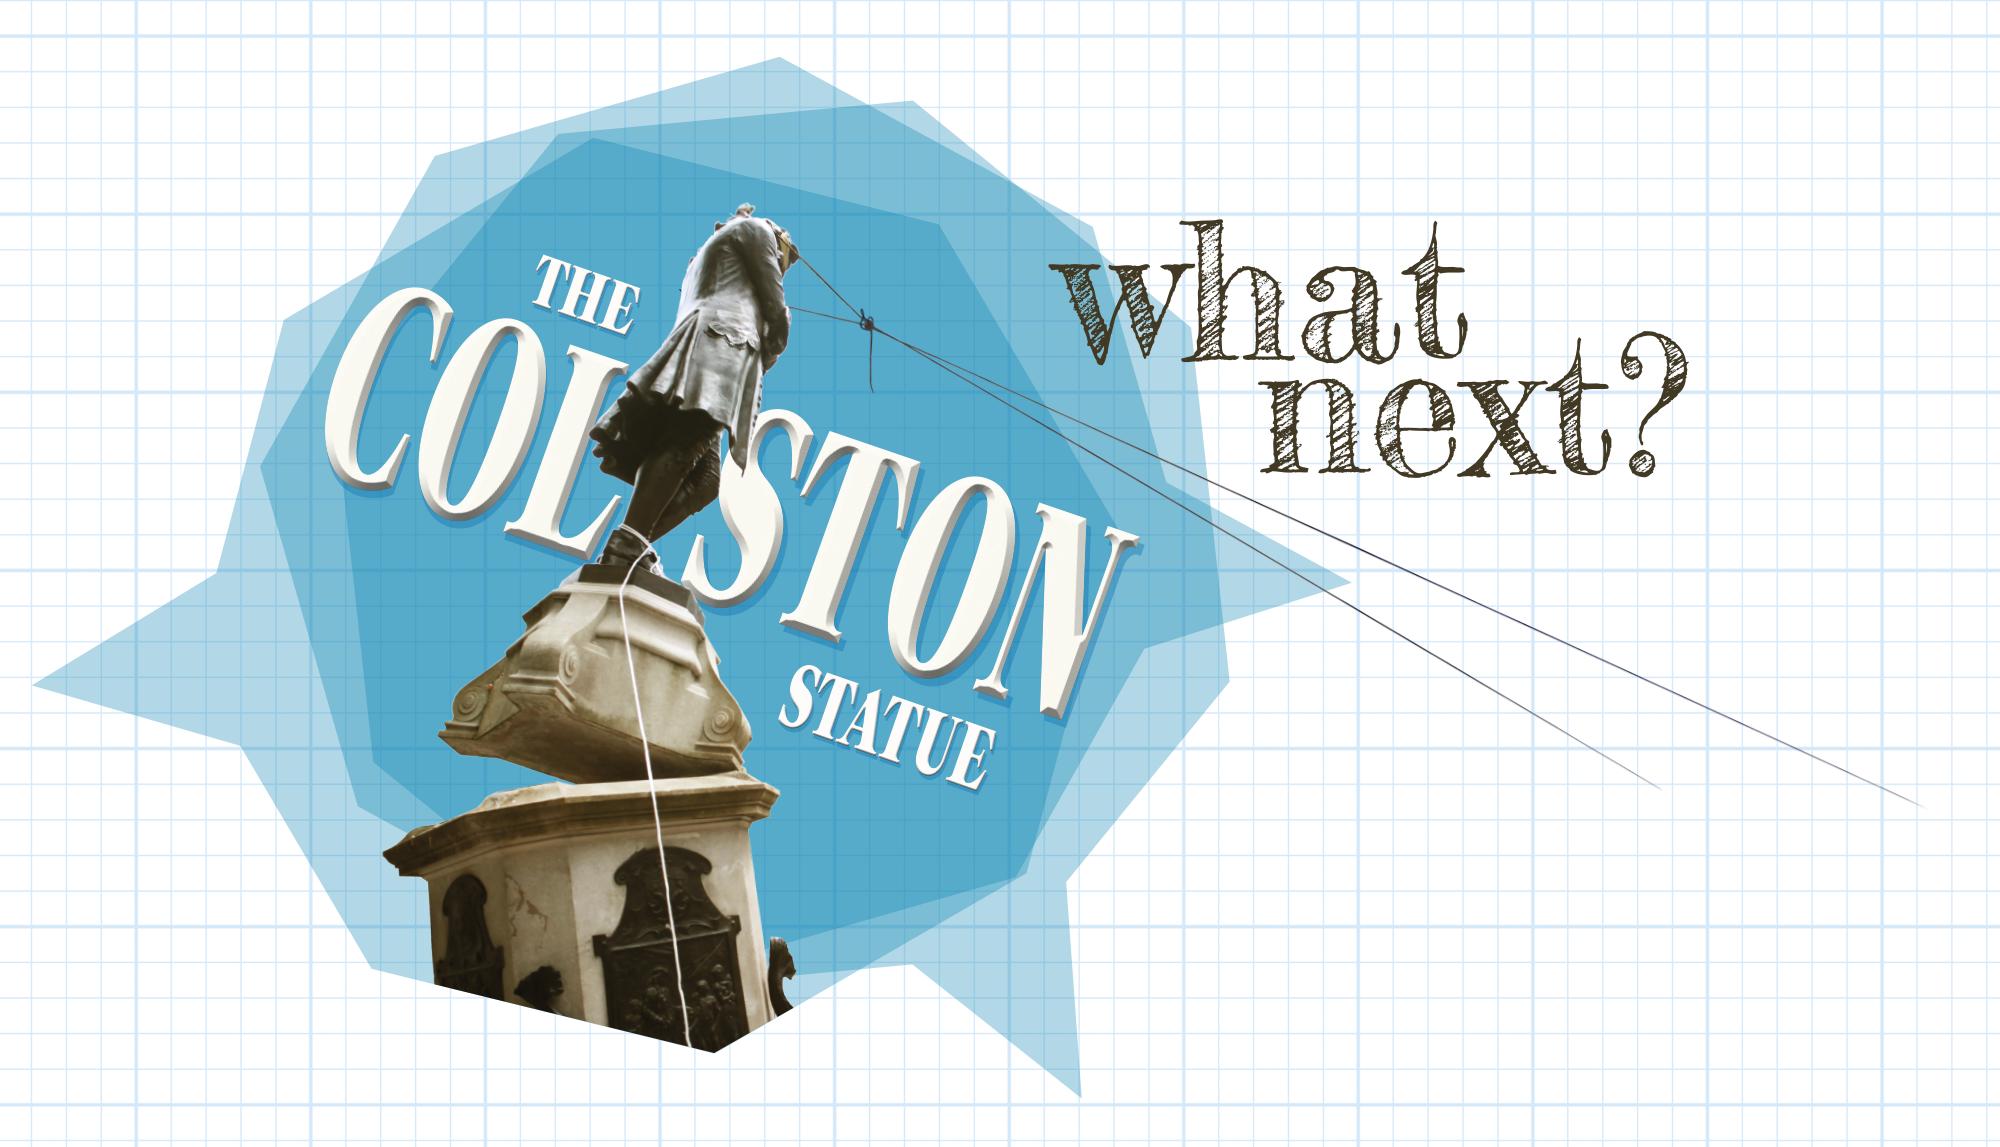 Header image logo for 'The Colston Statue: What Next?' display. (© Marton Gosztonyi)